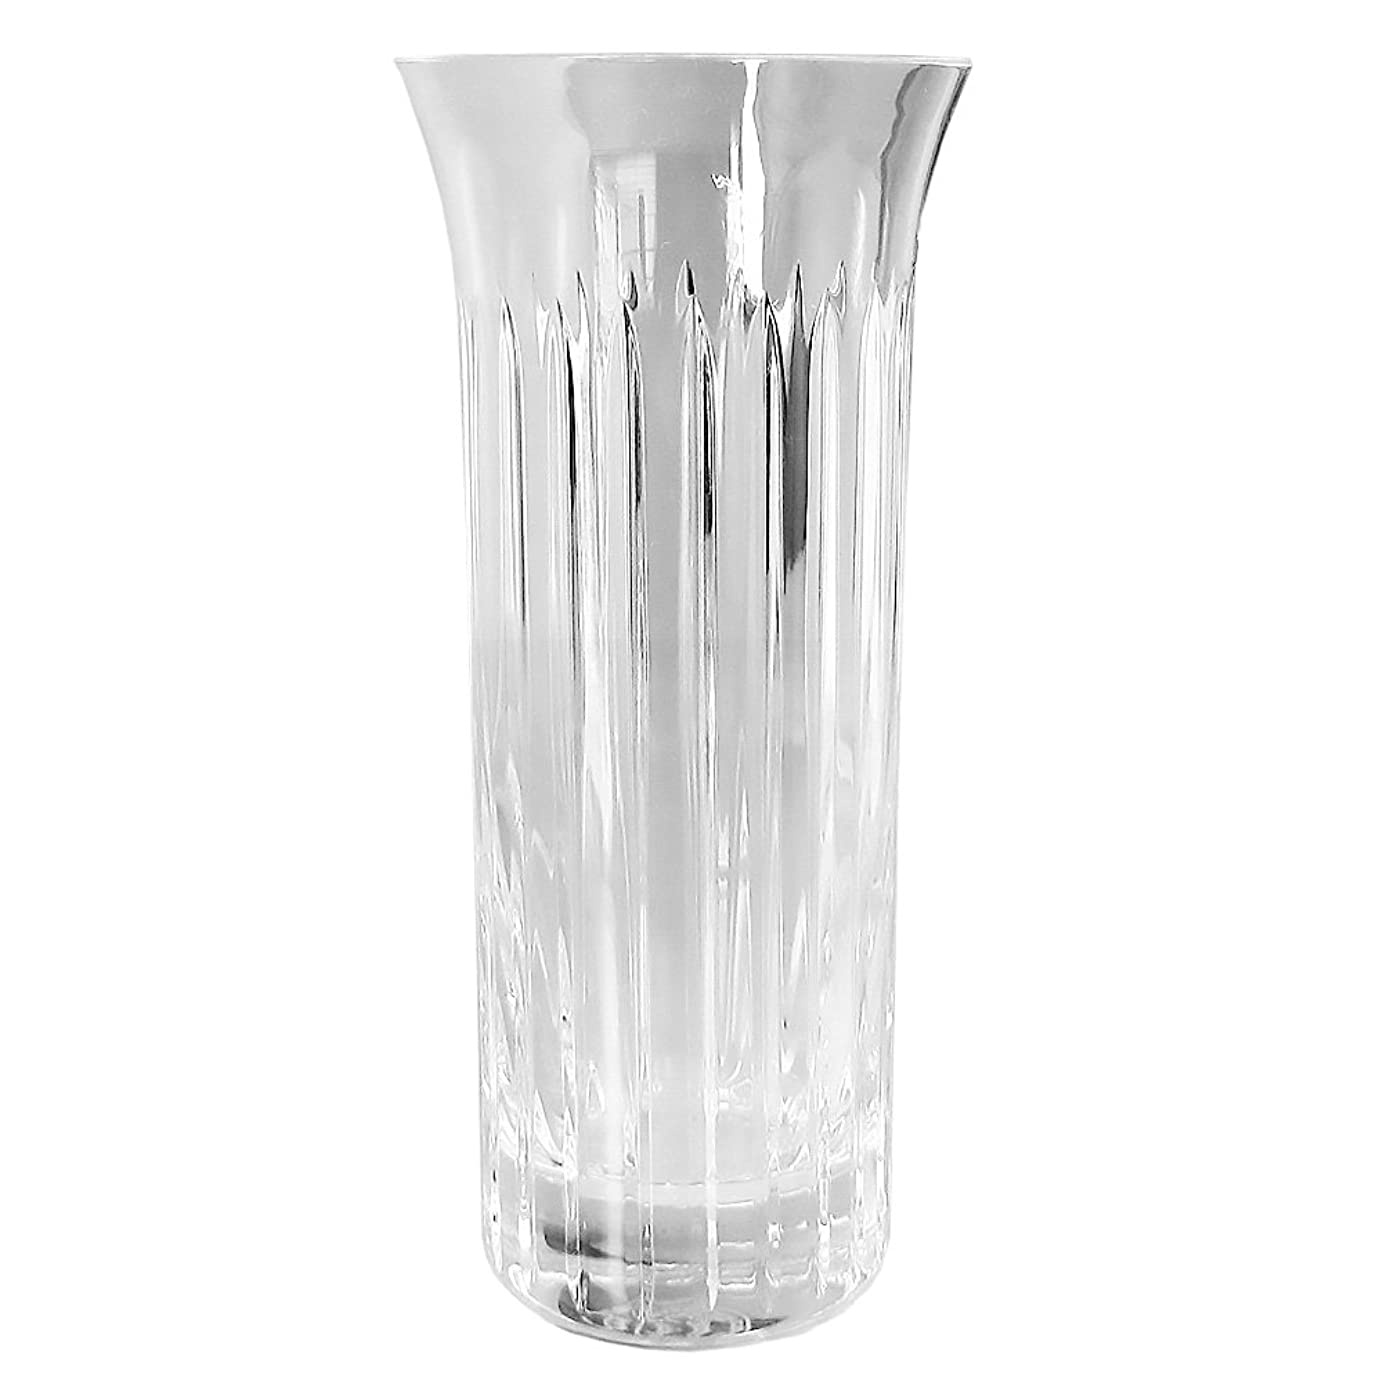 ラップトップ熱作るバカラ Bacarat ベース 花瓶 フローラ FLORA ベースビゾー 18cm 2613138 [並行輸入品] 2613138